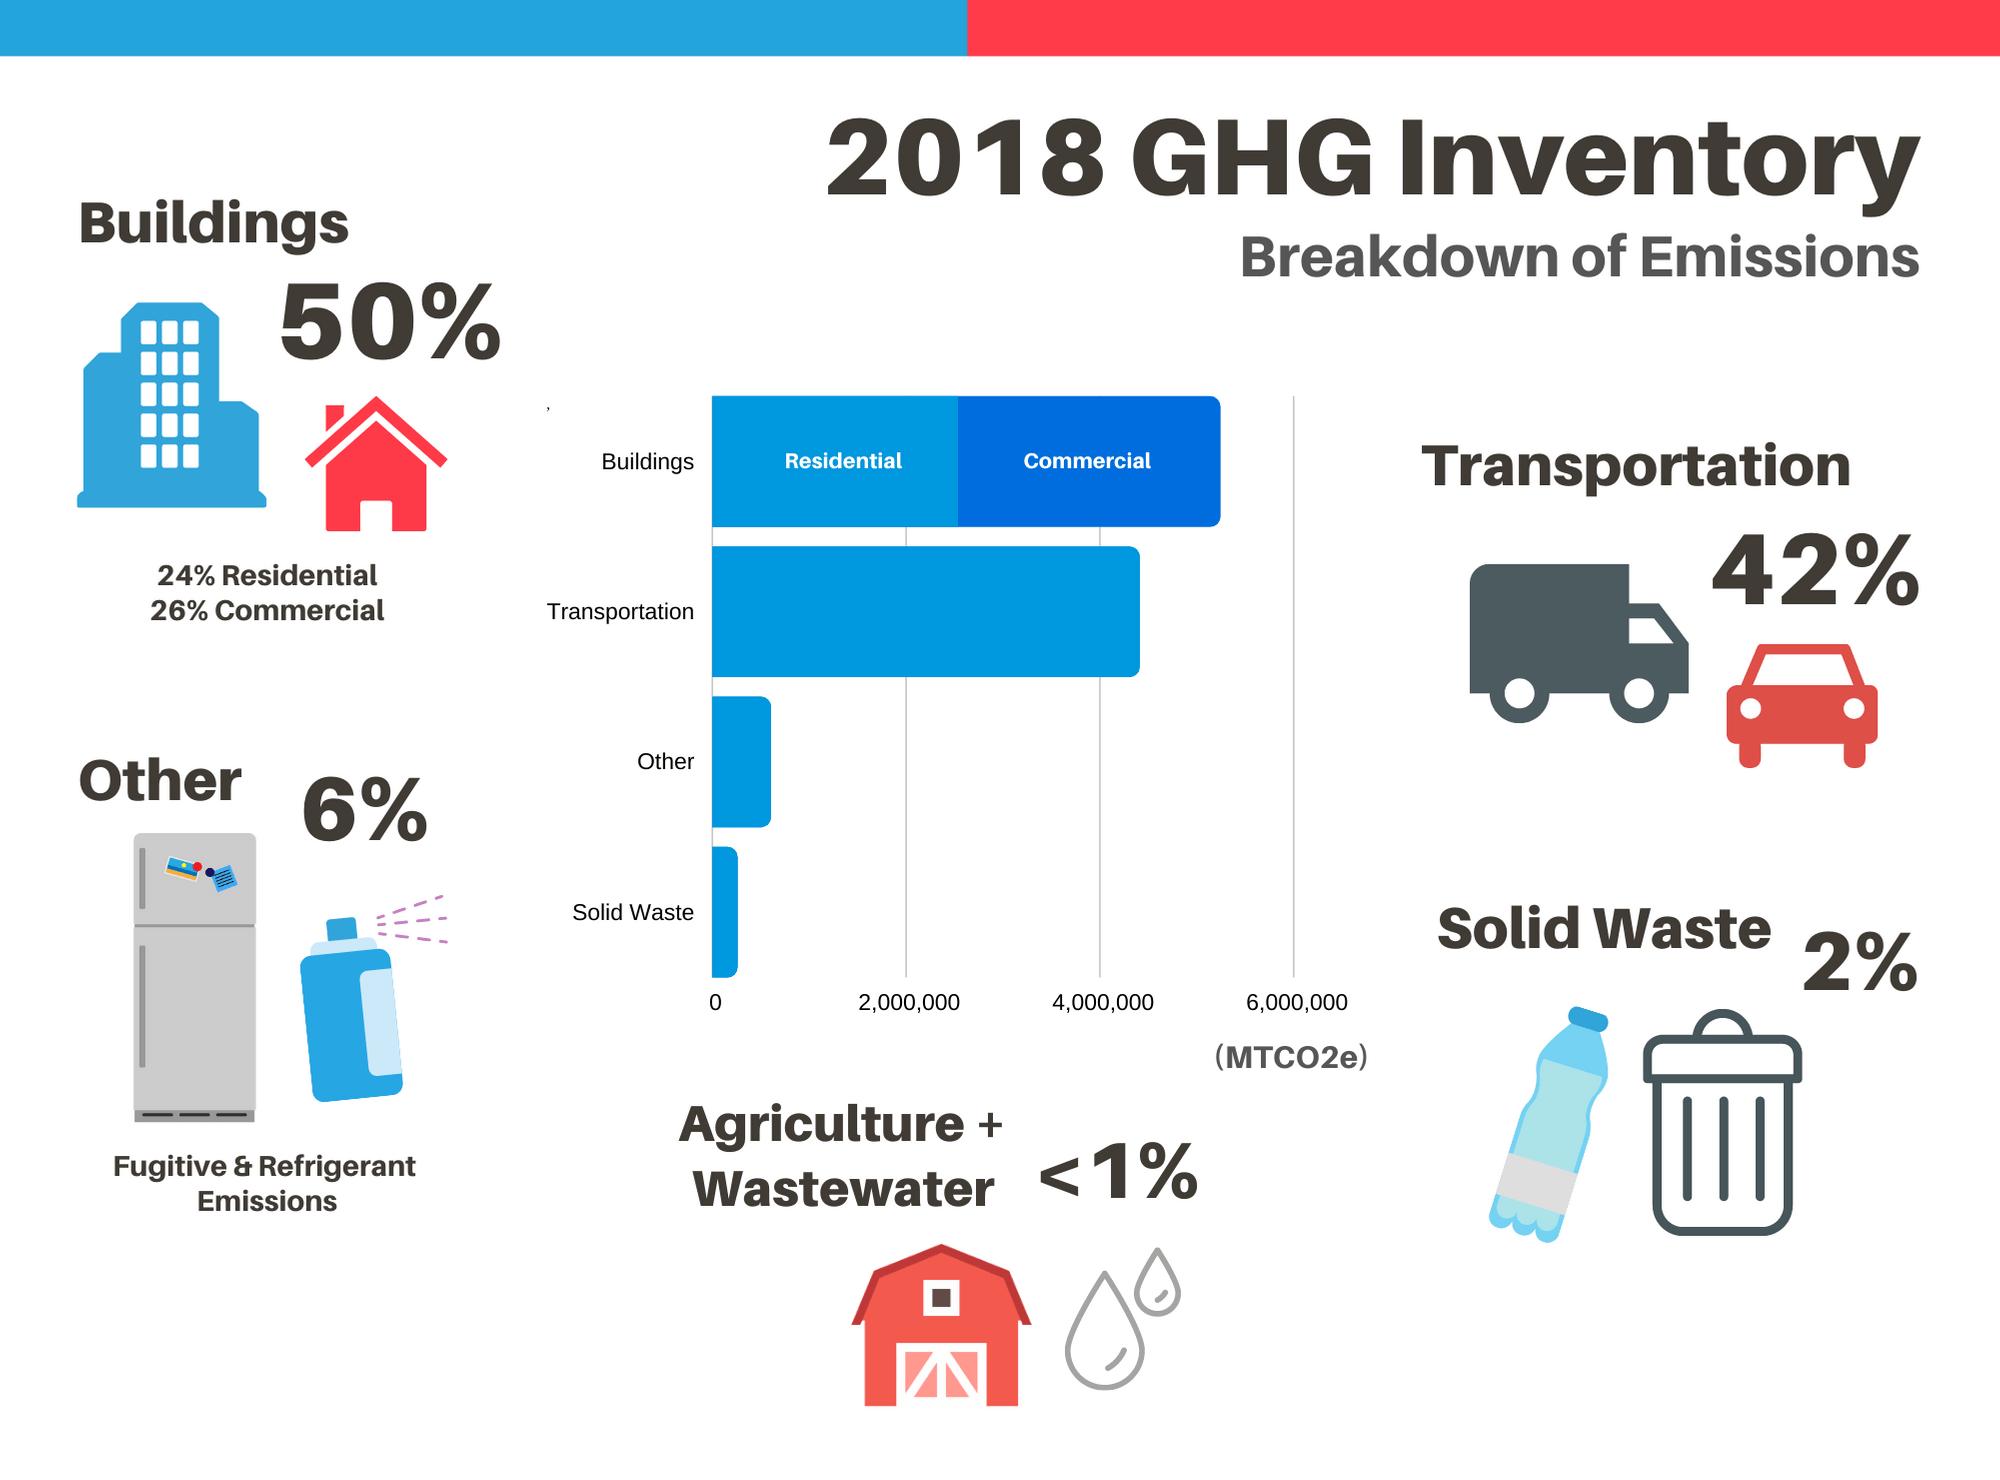 2018 GHG inventory